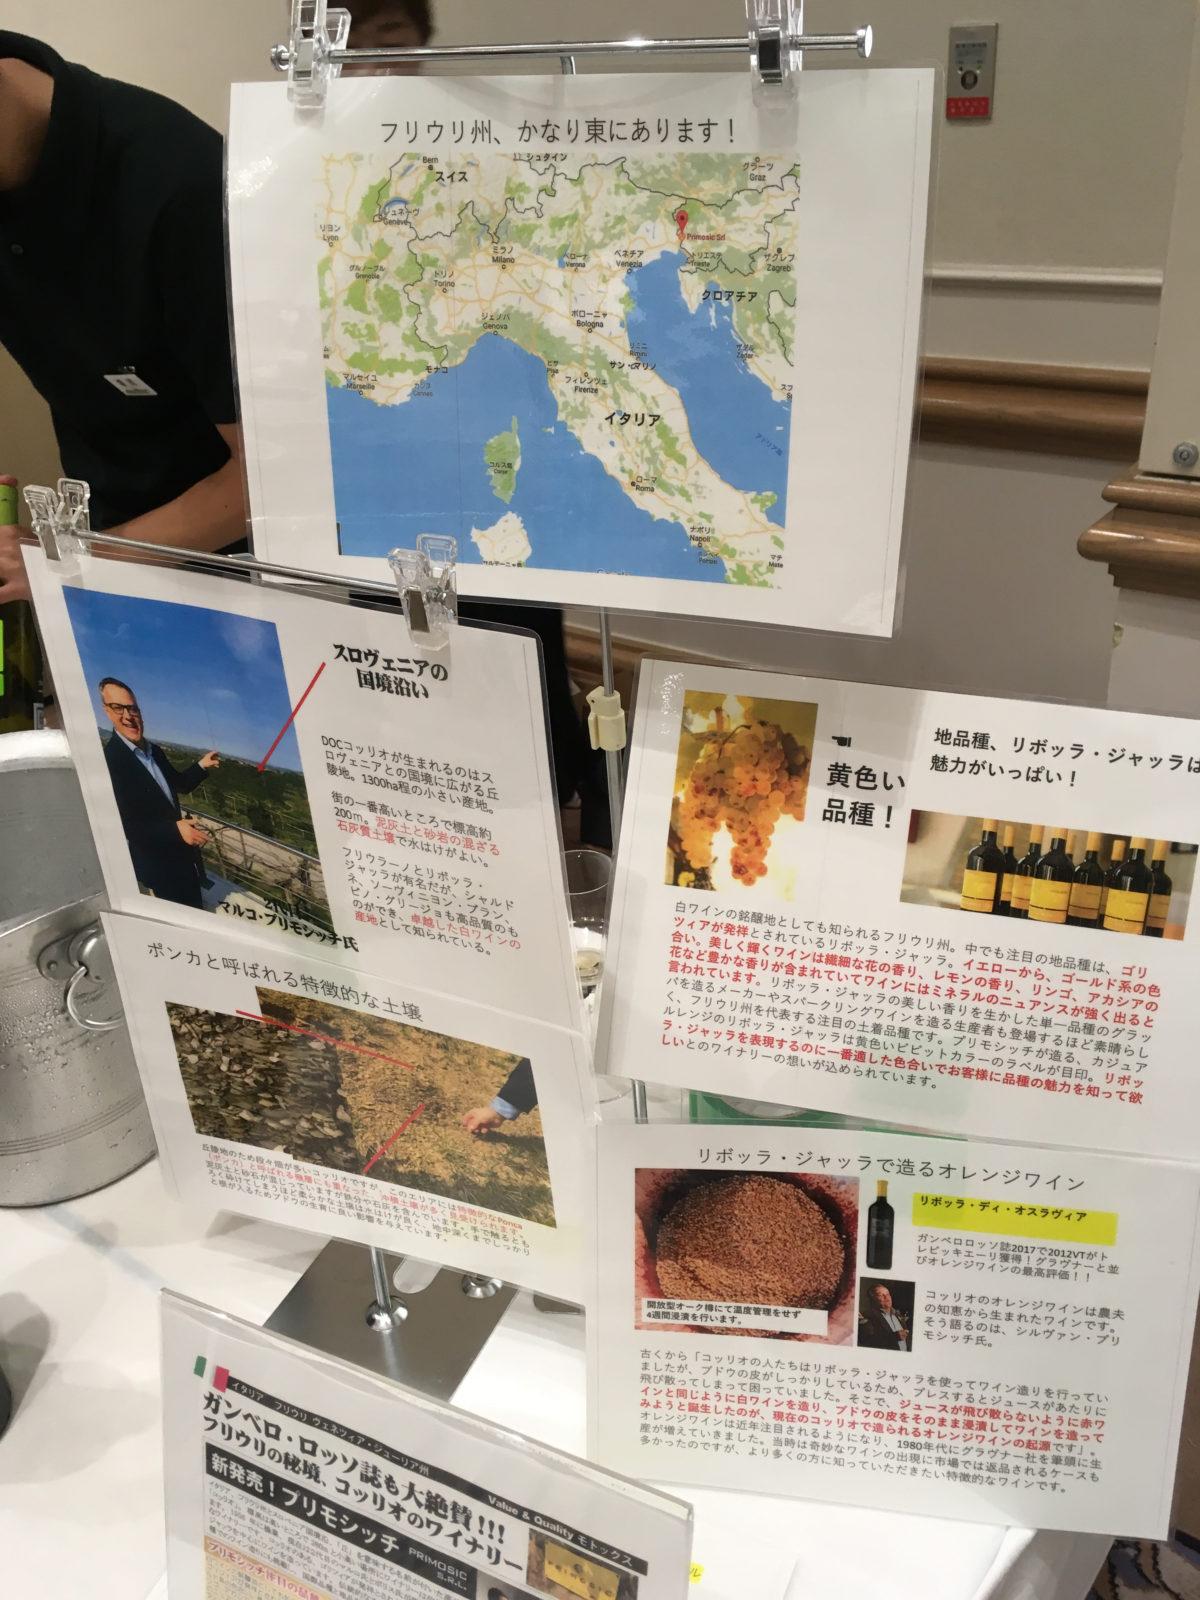 オレンジワイン(分類) コッリオ(生産者) リボッラ・ジャラ(ブドウ品種)